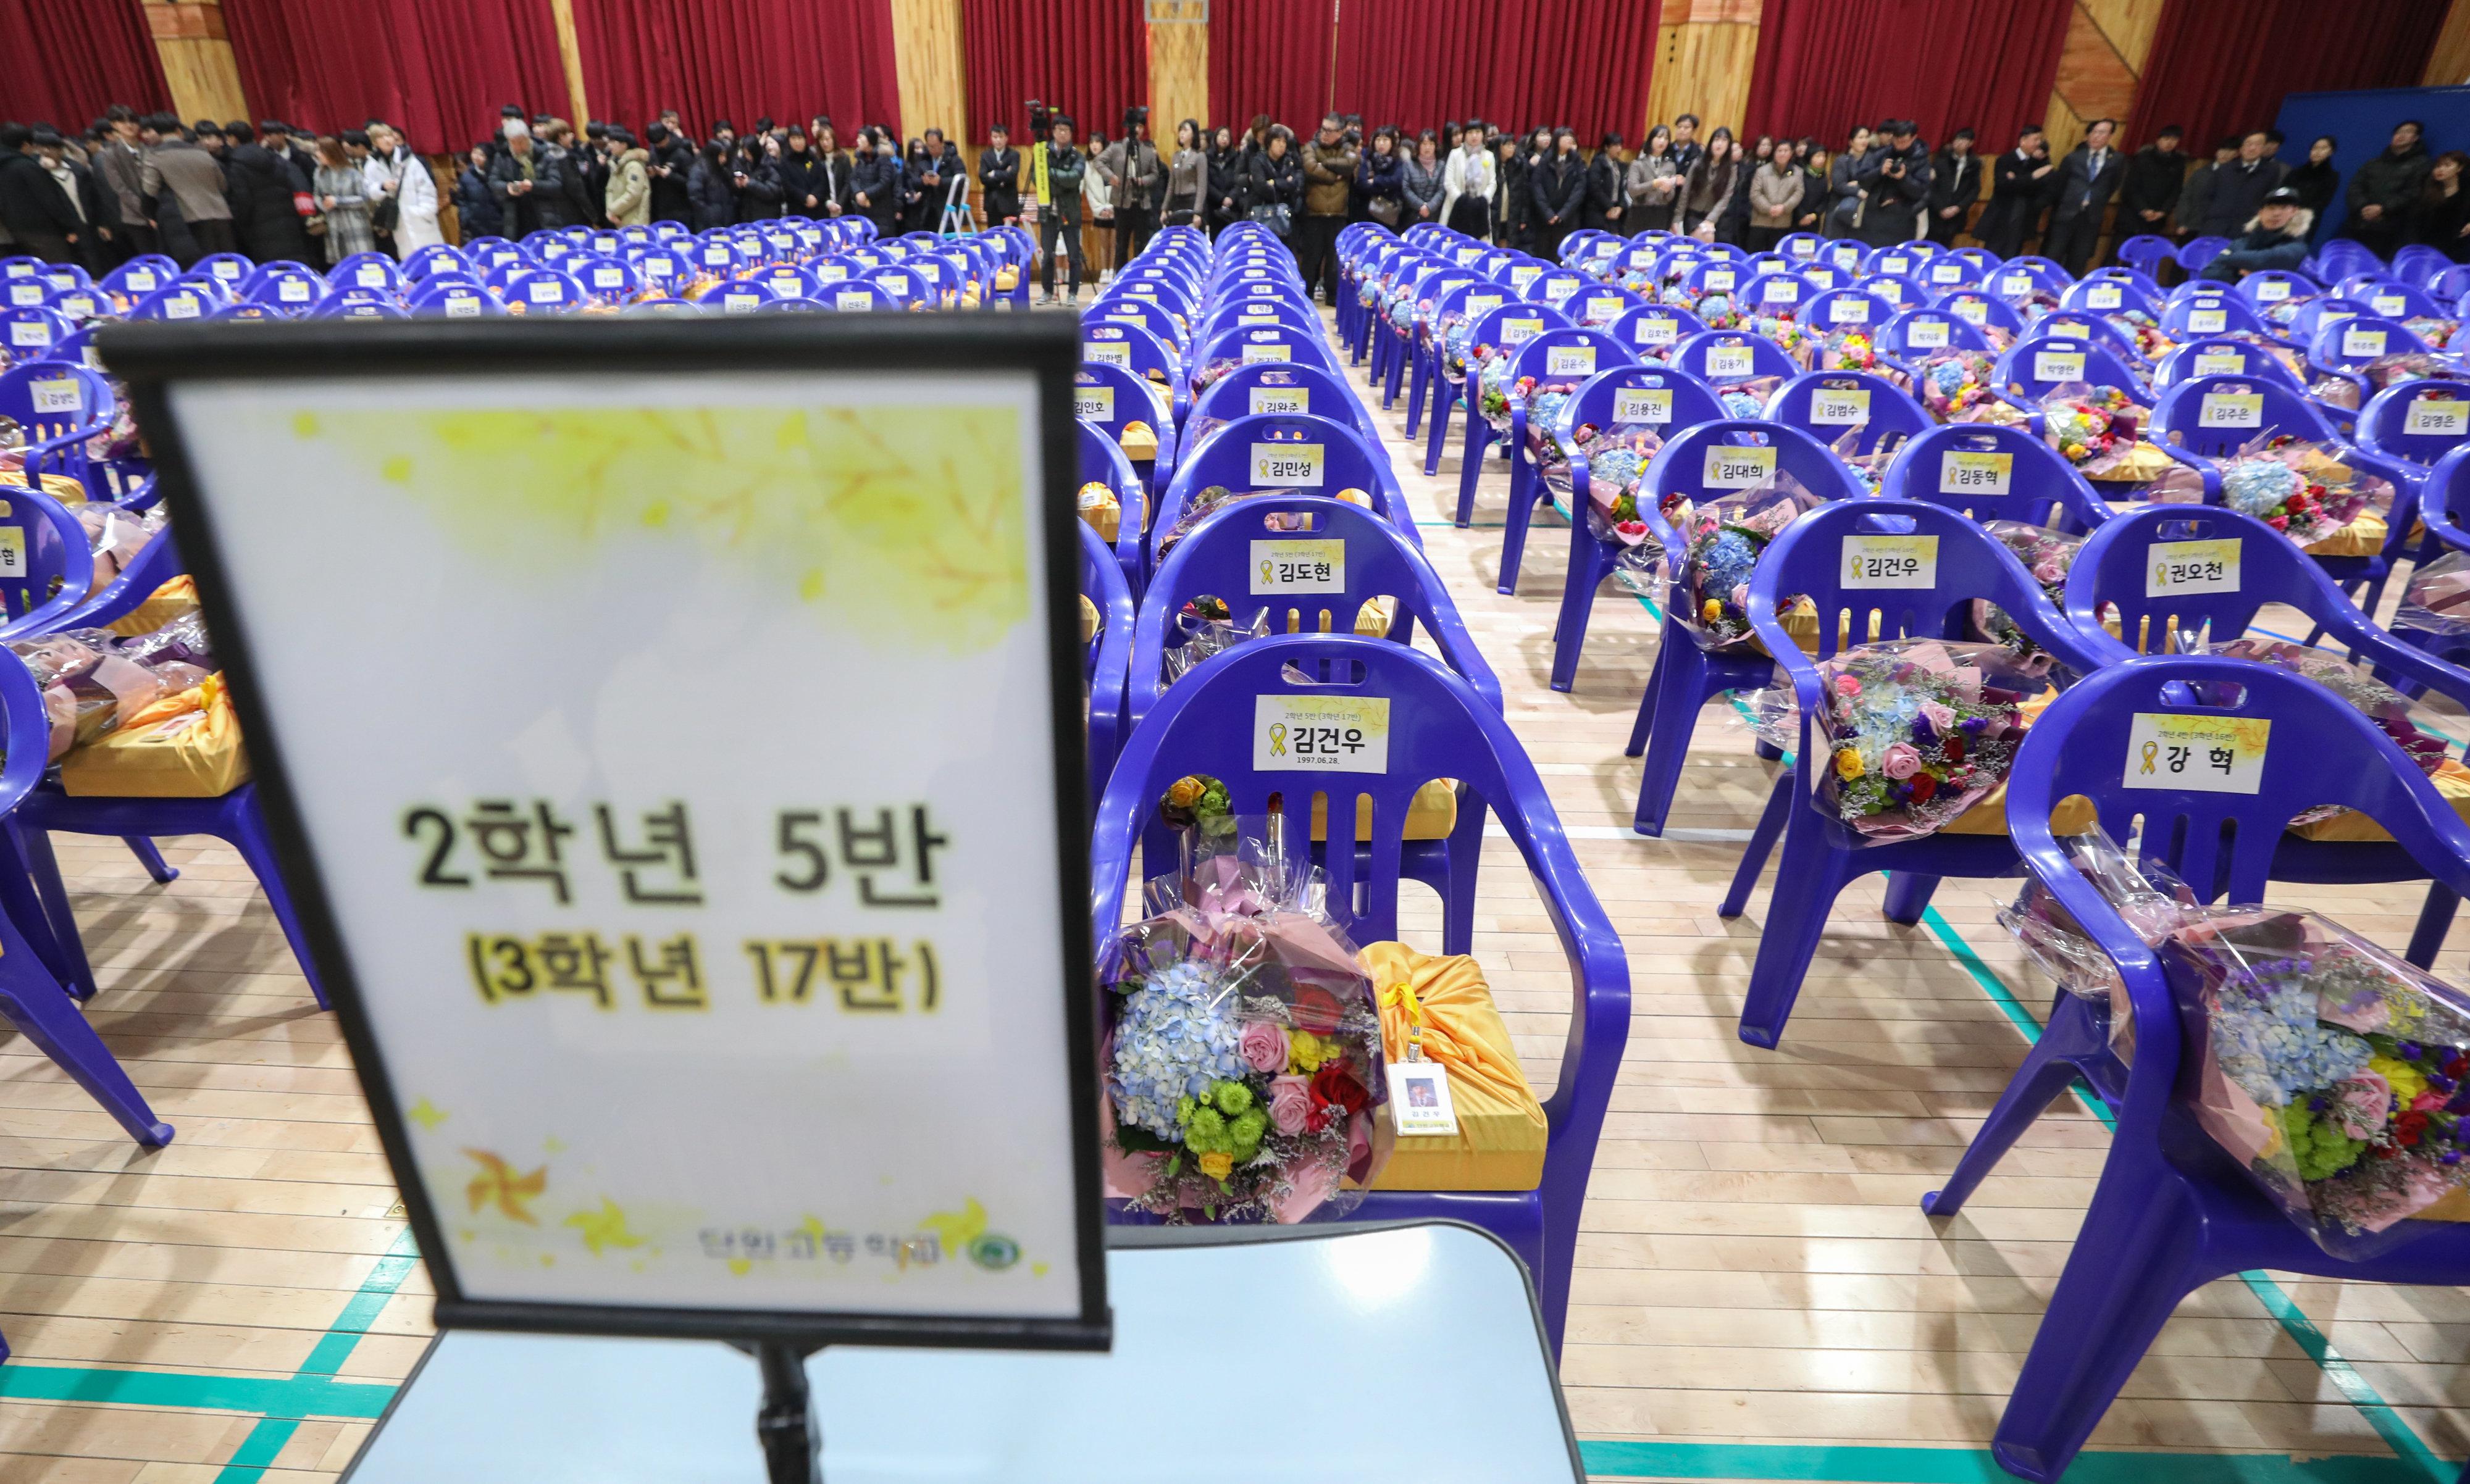 250개의 빈자리만 있던 고등학교 졸업식에